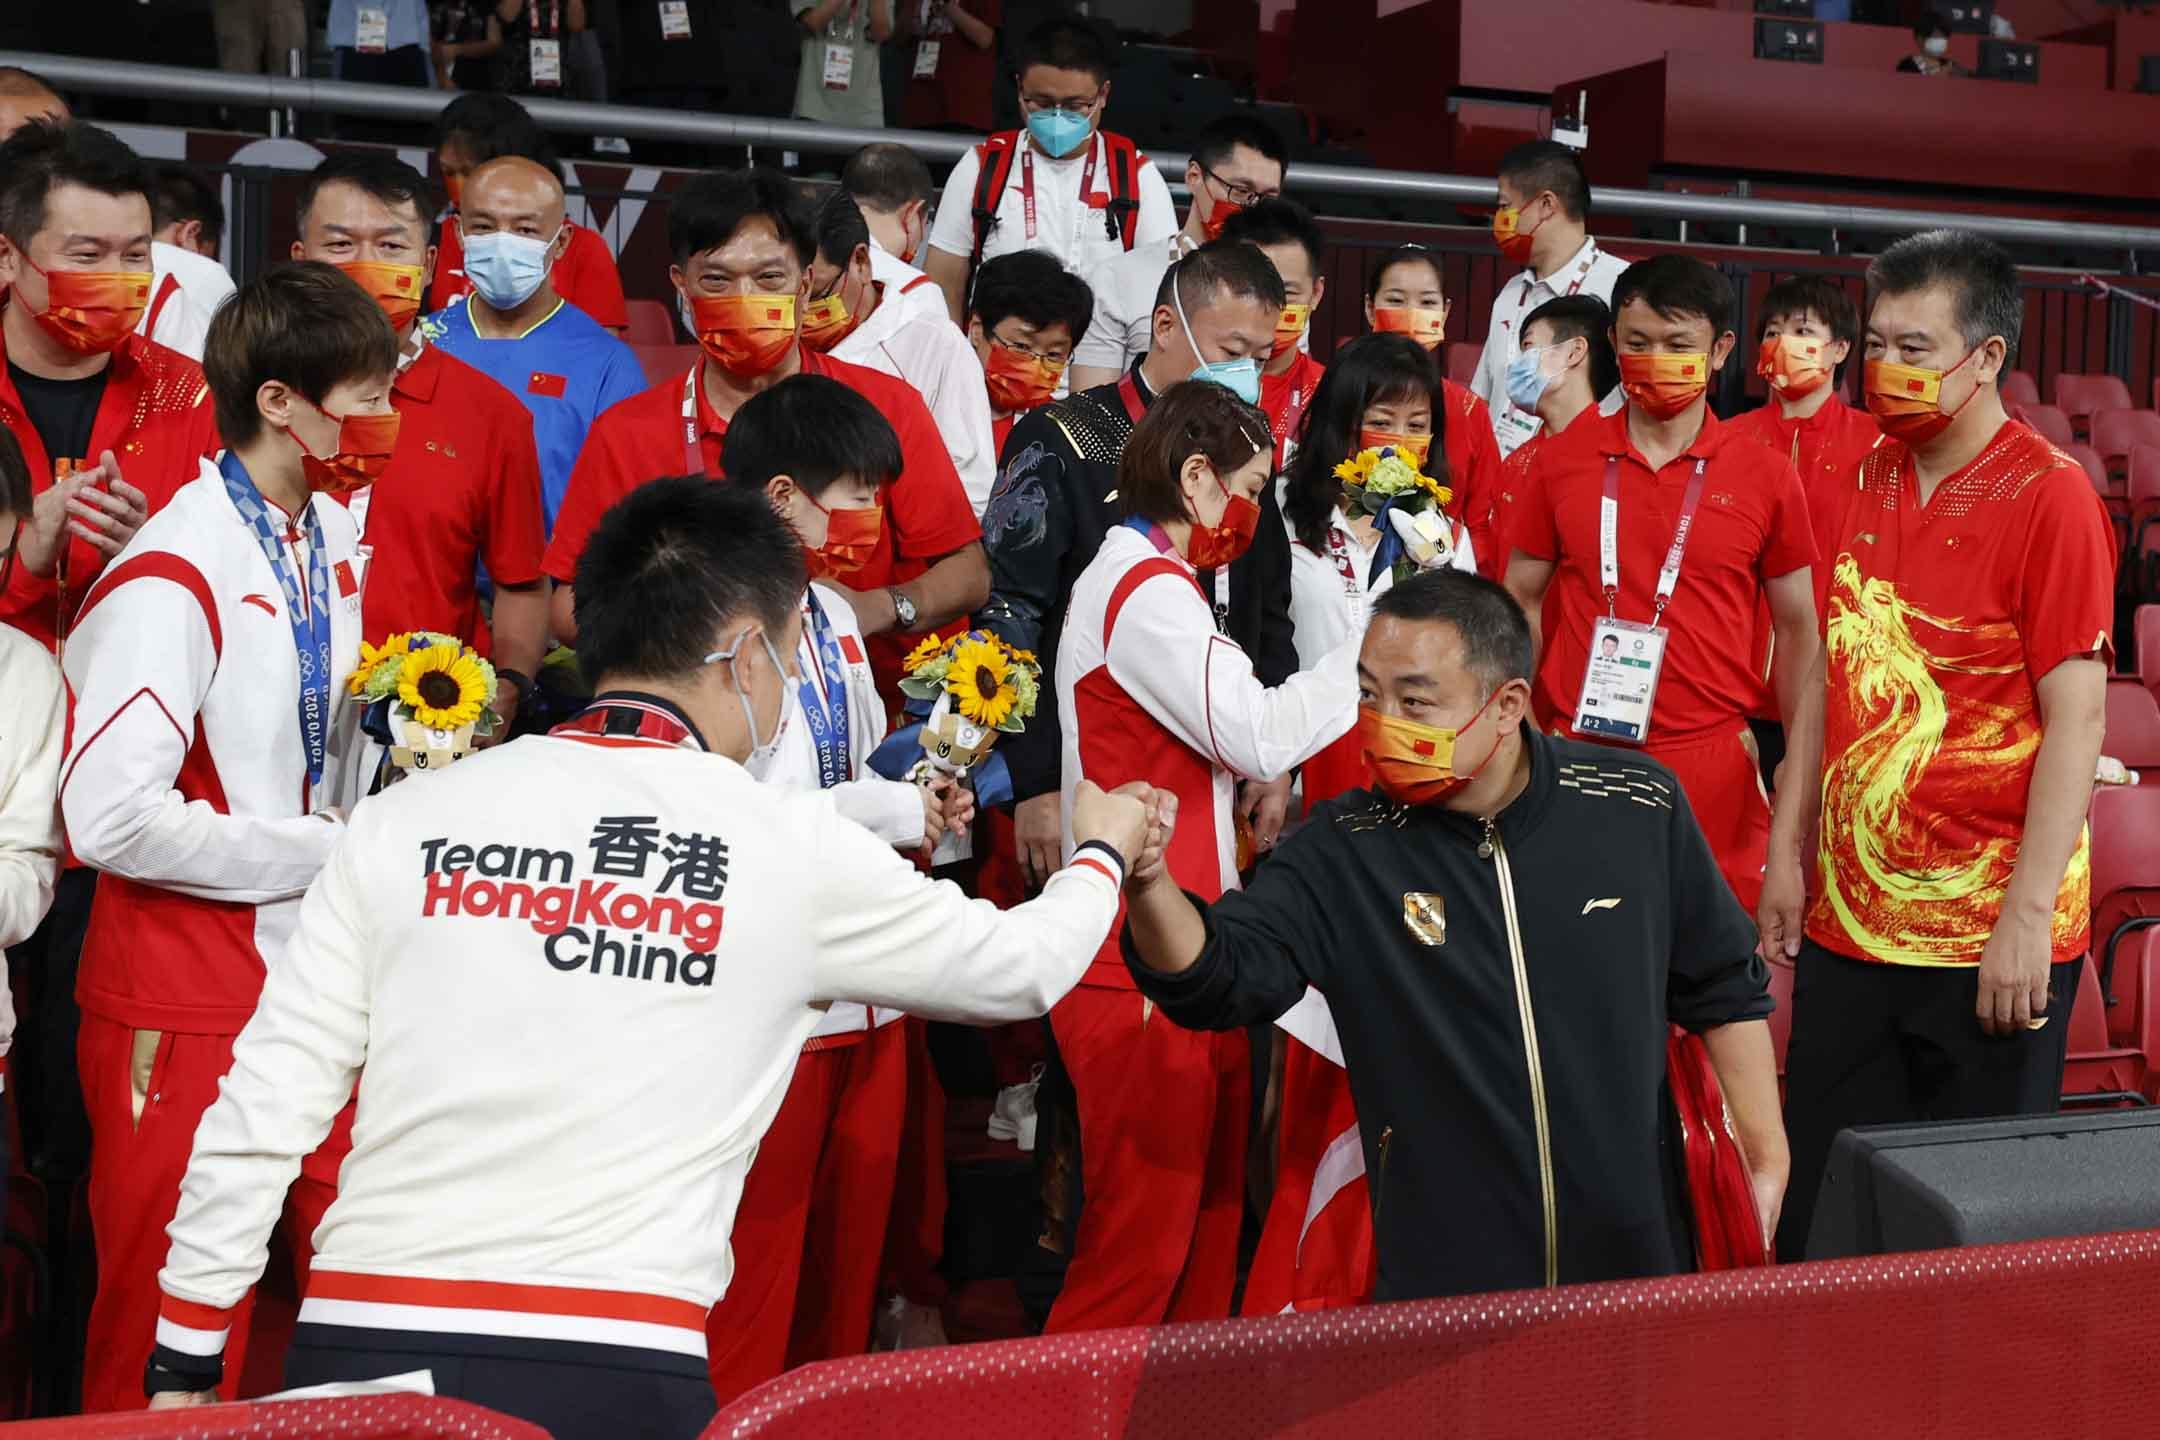 2021年8月5日,乒乓球女子團體金牌賽頒獎儀式後,中國隊主教練劉國樑帶領隊員與香港隊一起慶祝。 攝:Hai Handan/China News Service via Getty Images